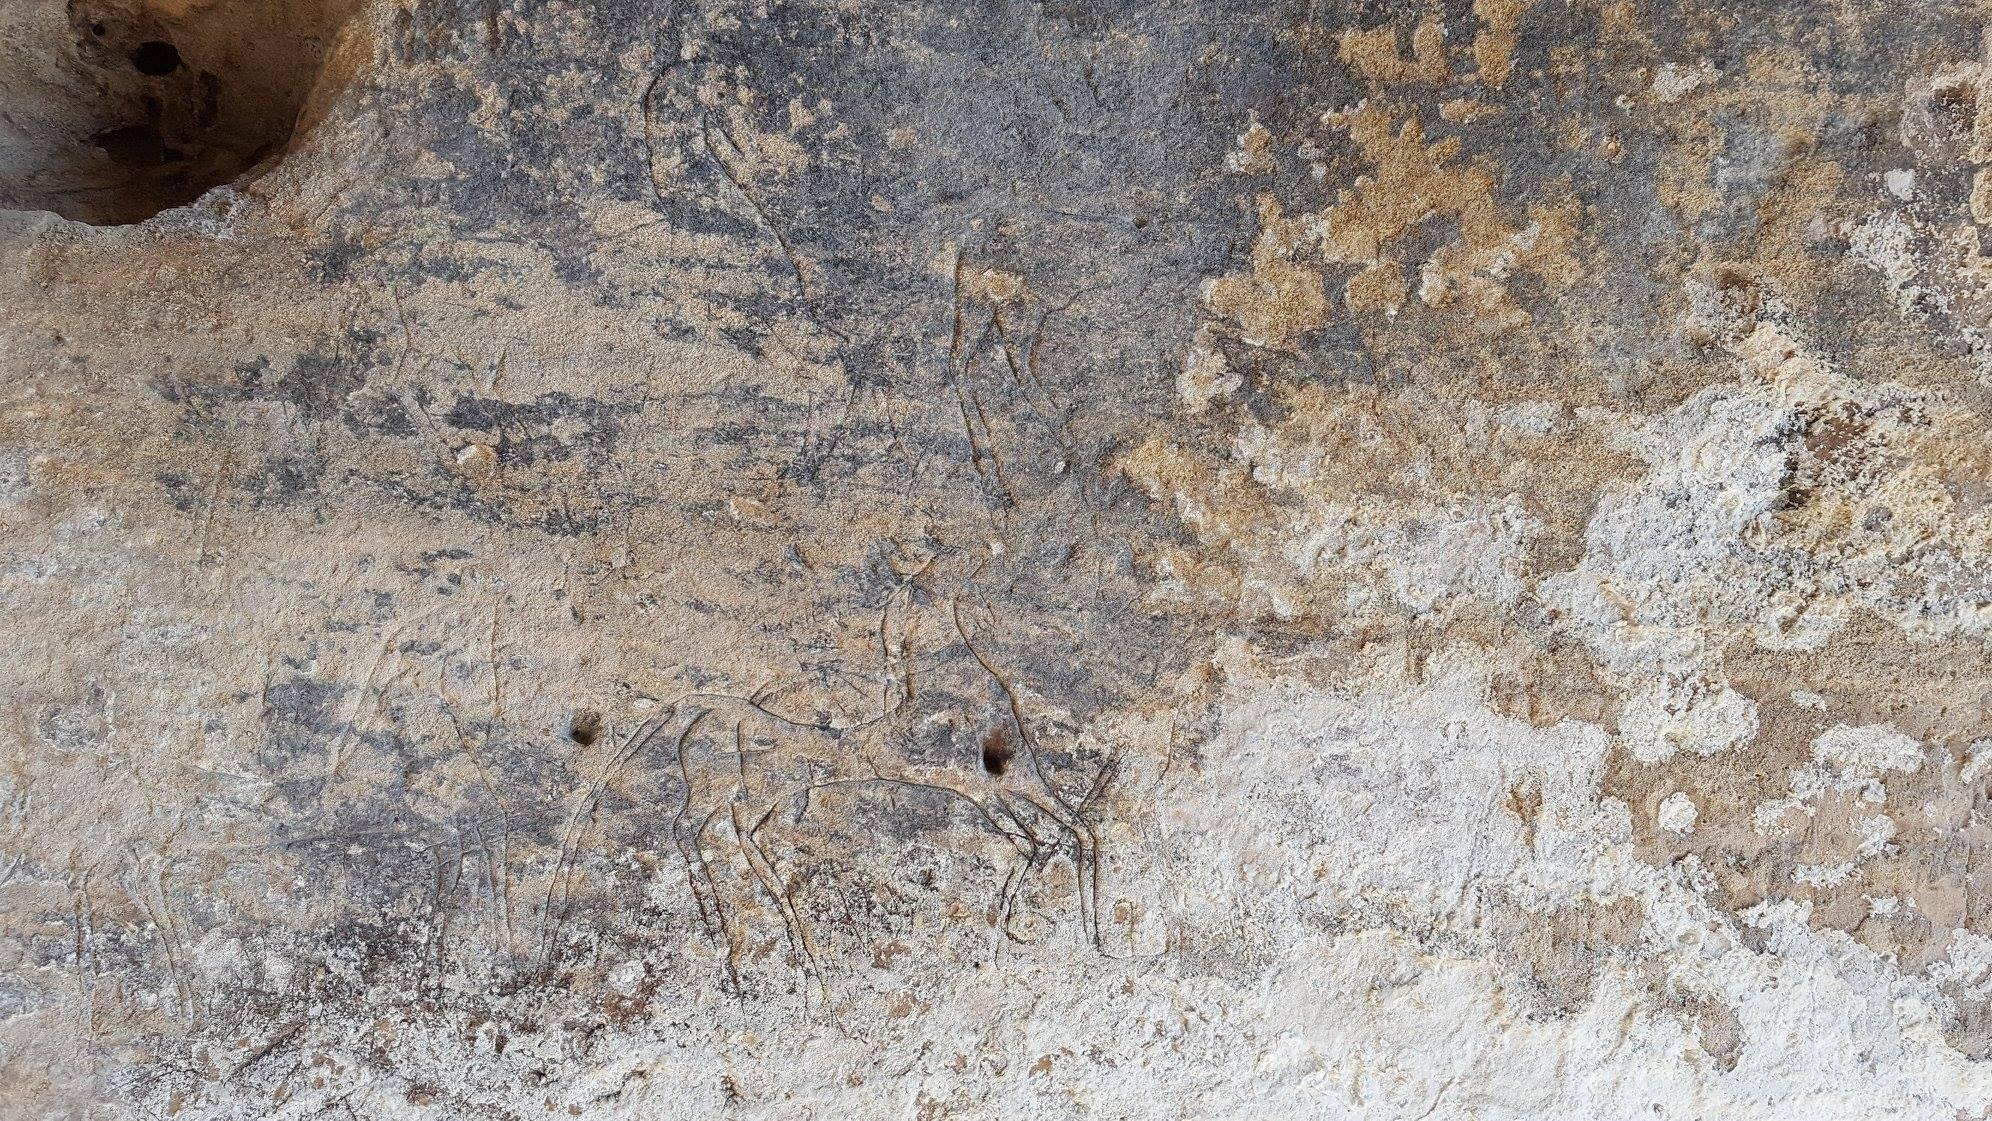 Grotte di Caratabia